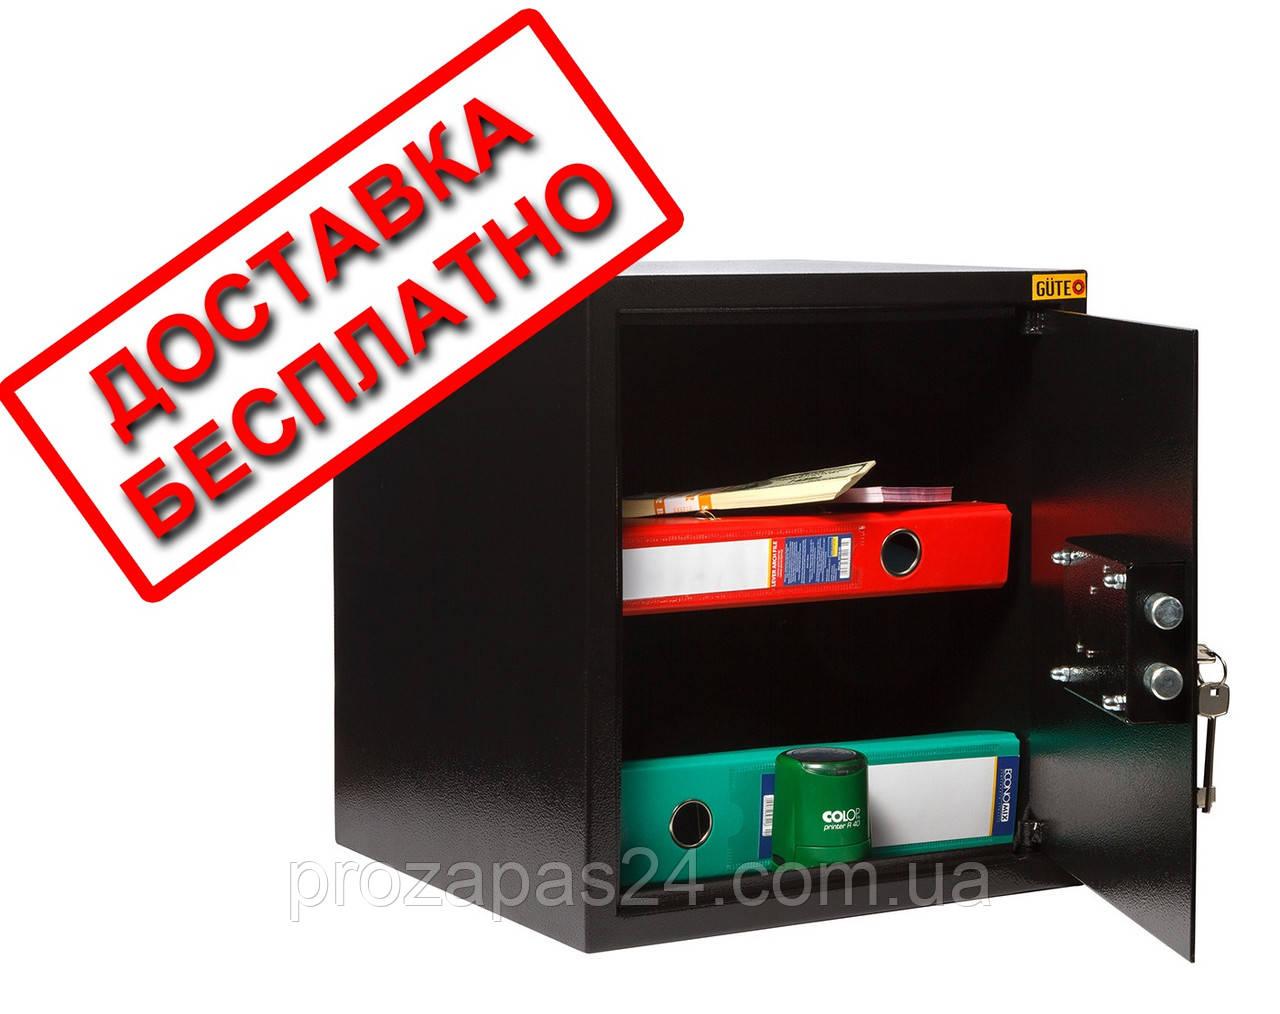 Сейф мебельный черный СМК-3610 для дома офиса ВхШхГ 38х35х36см